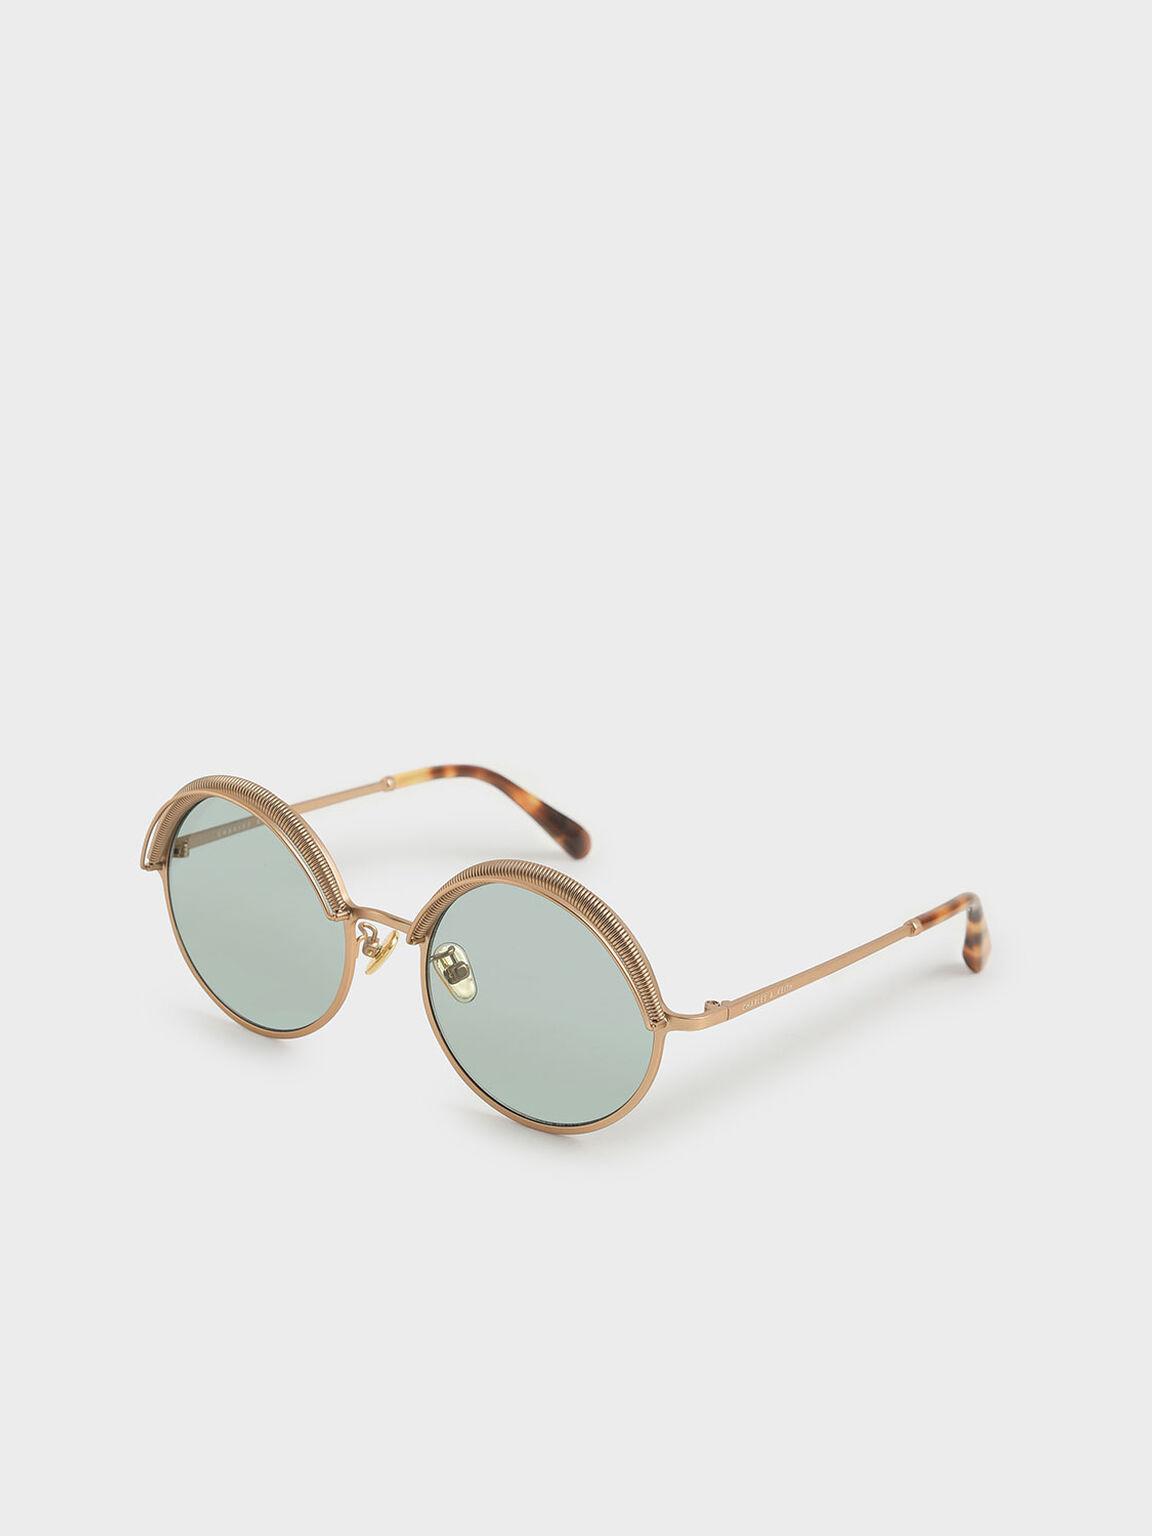 Half Rim Round Sunglasses, Green, hi-res